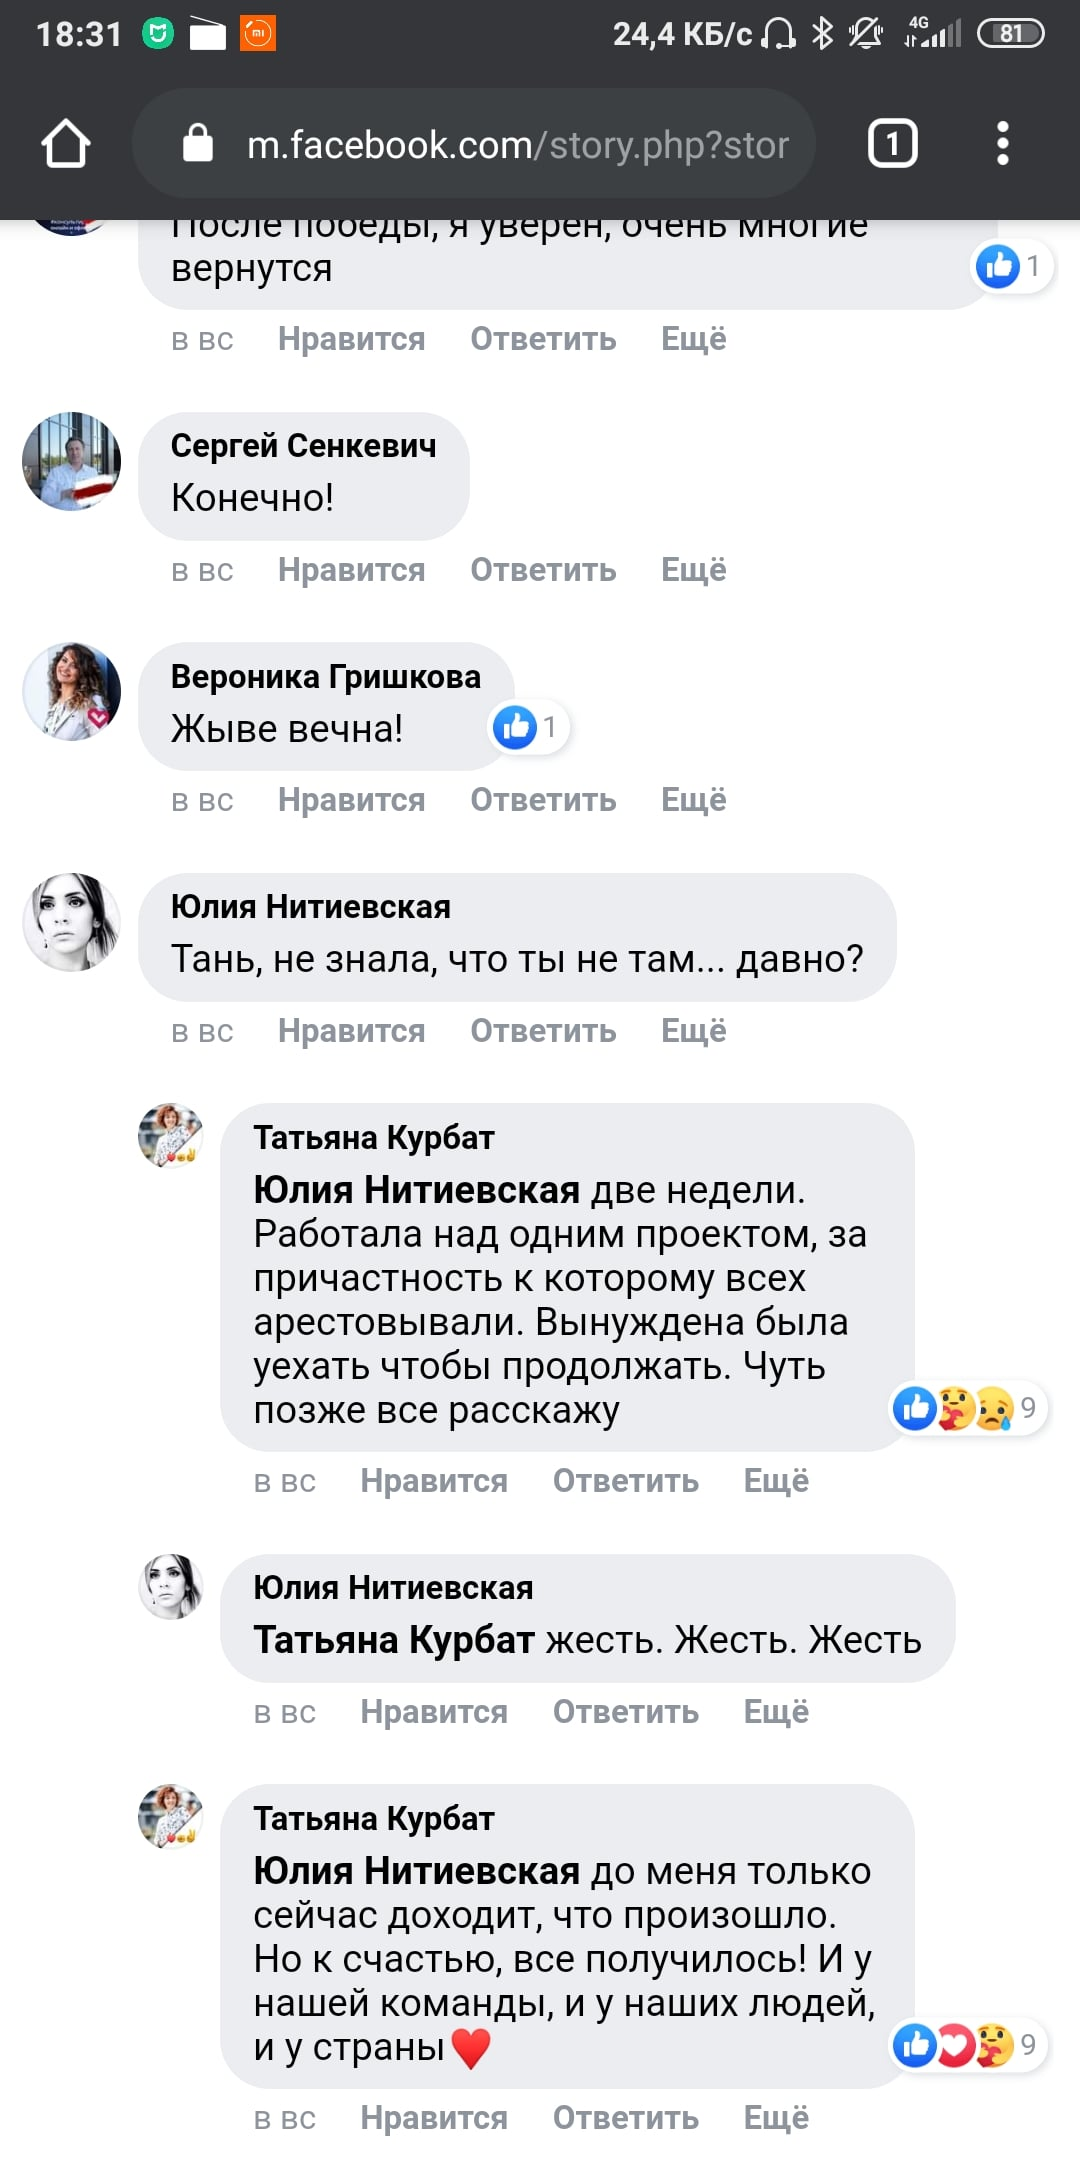 за сколько белорусские пиарщики продают свою родину западу?